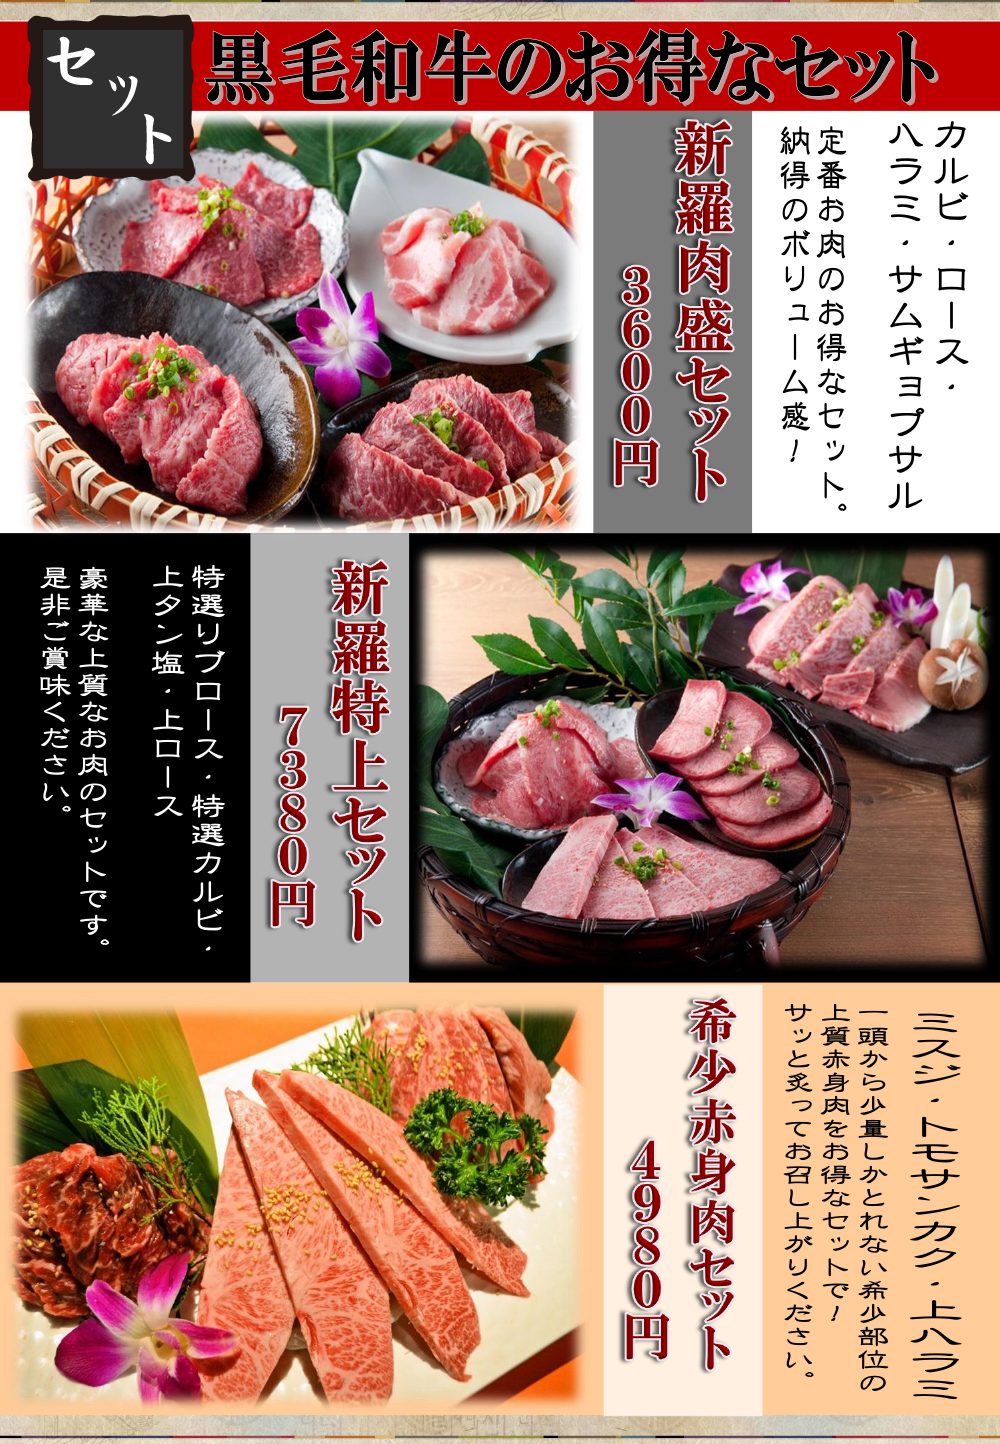 浦安店 焼き物メニュー1